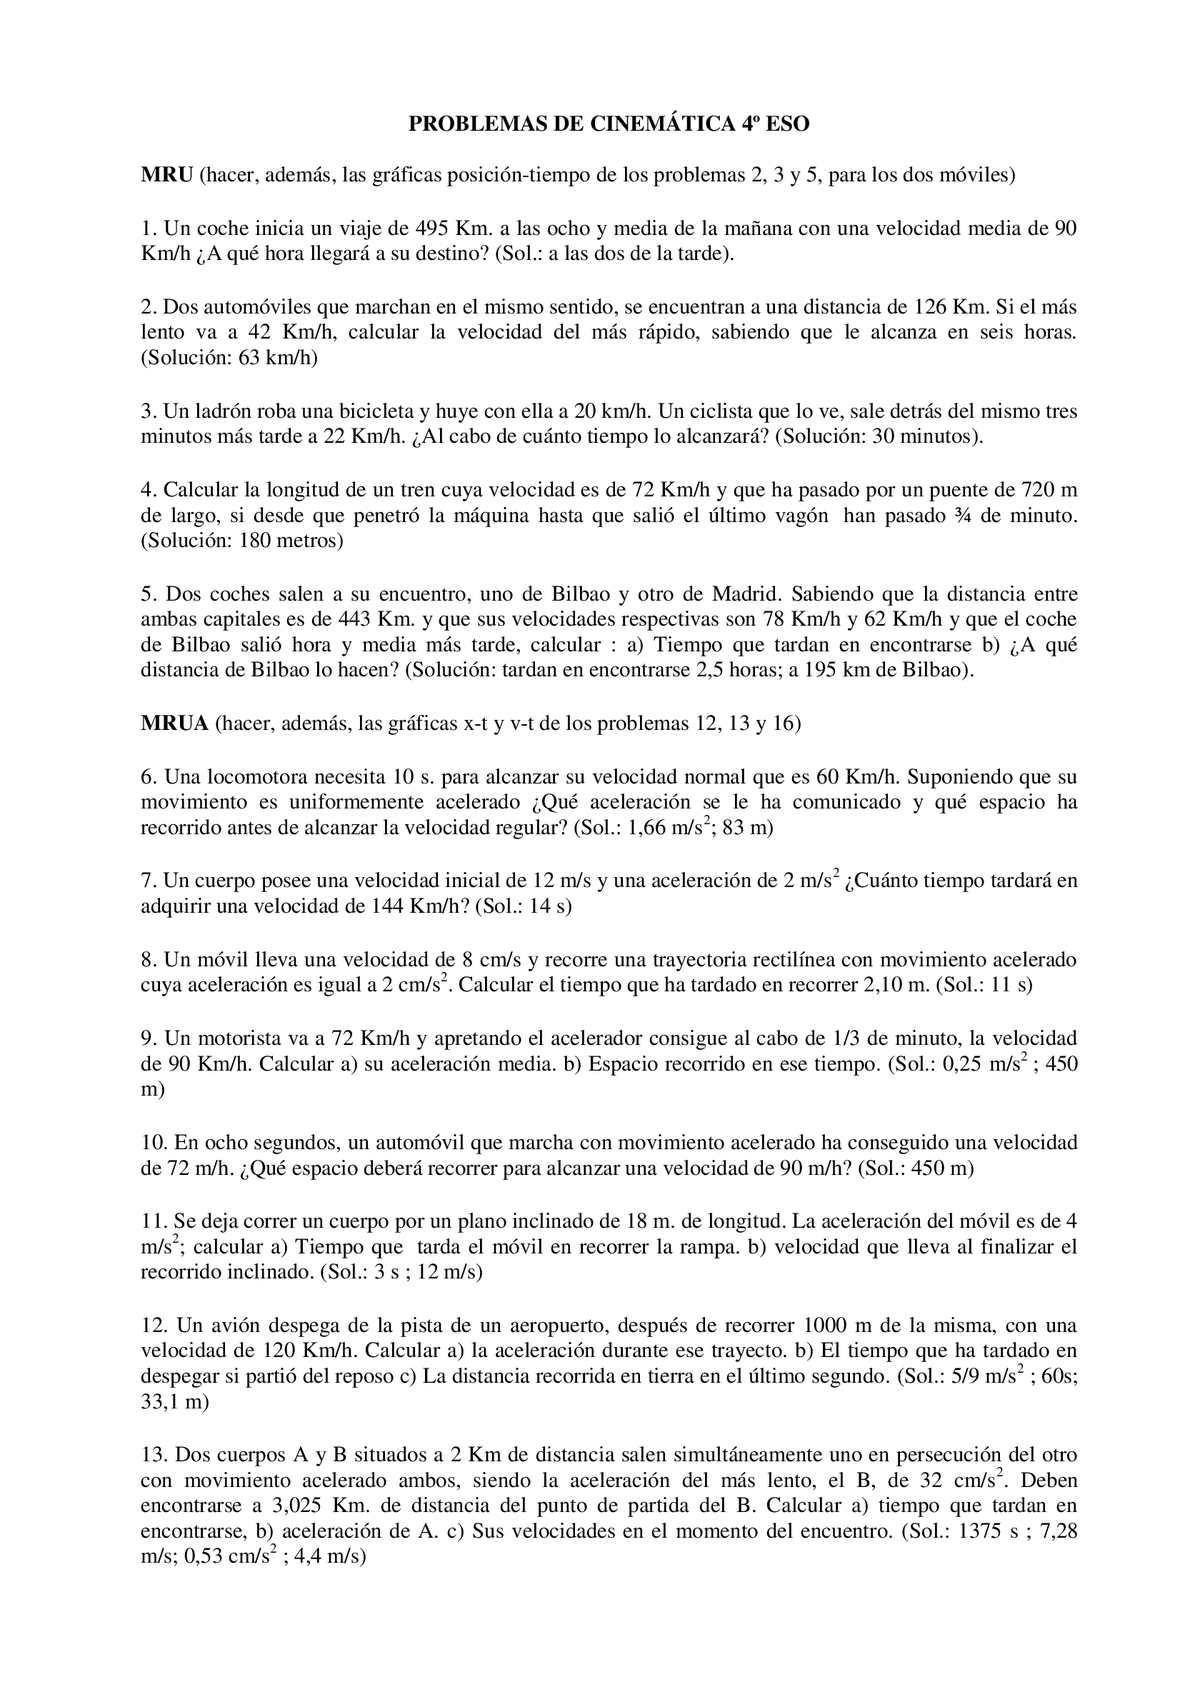 Ejercicios Cinematica 4 Eso - CALAMEO Downloader